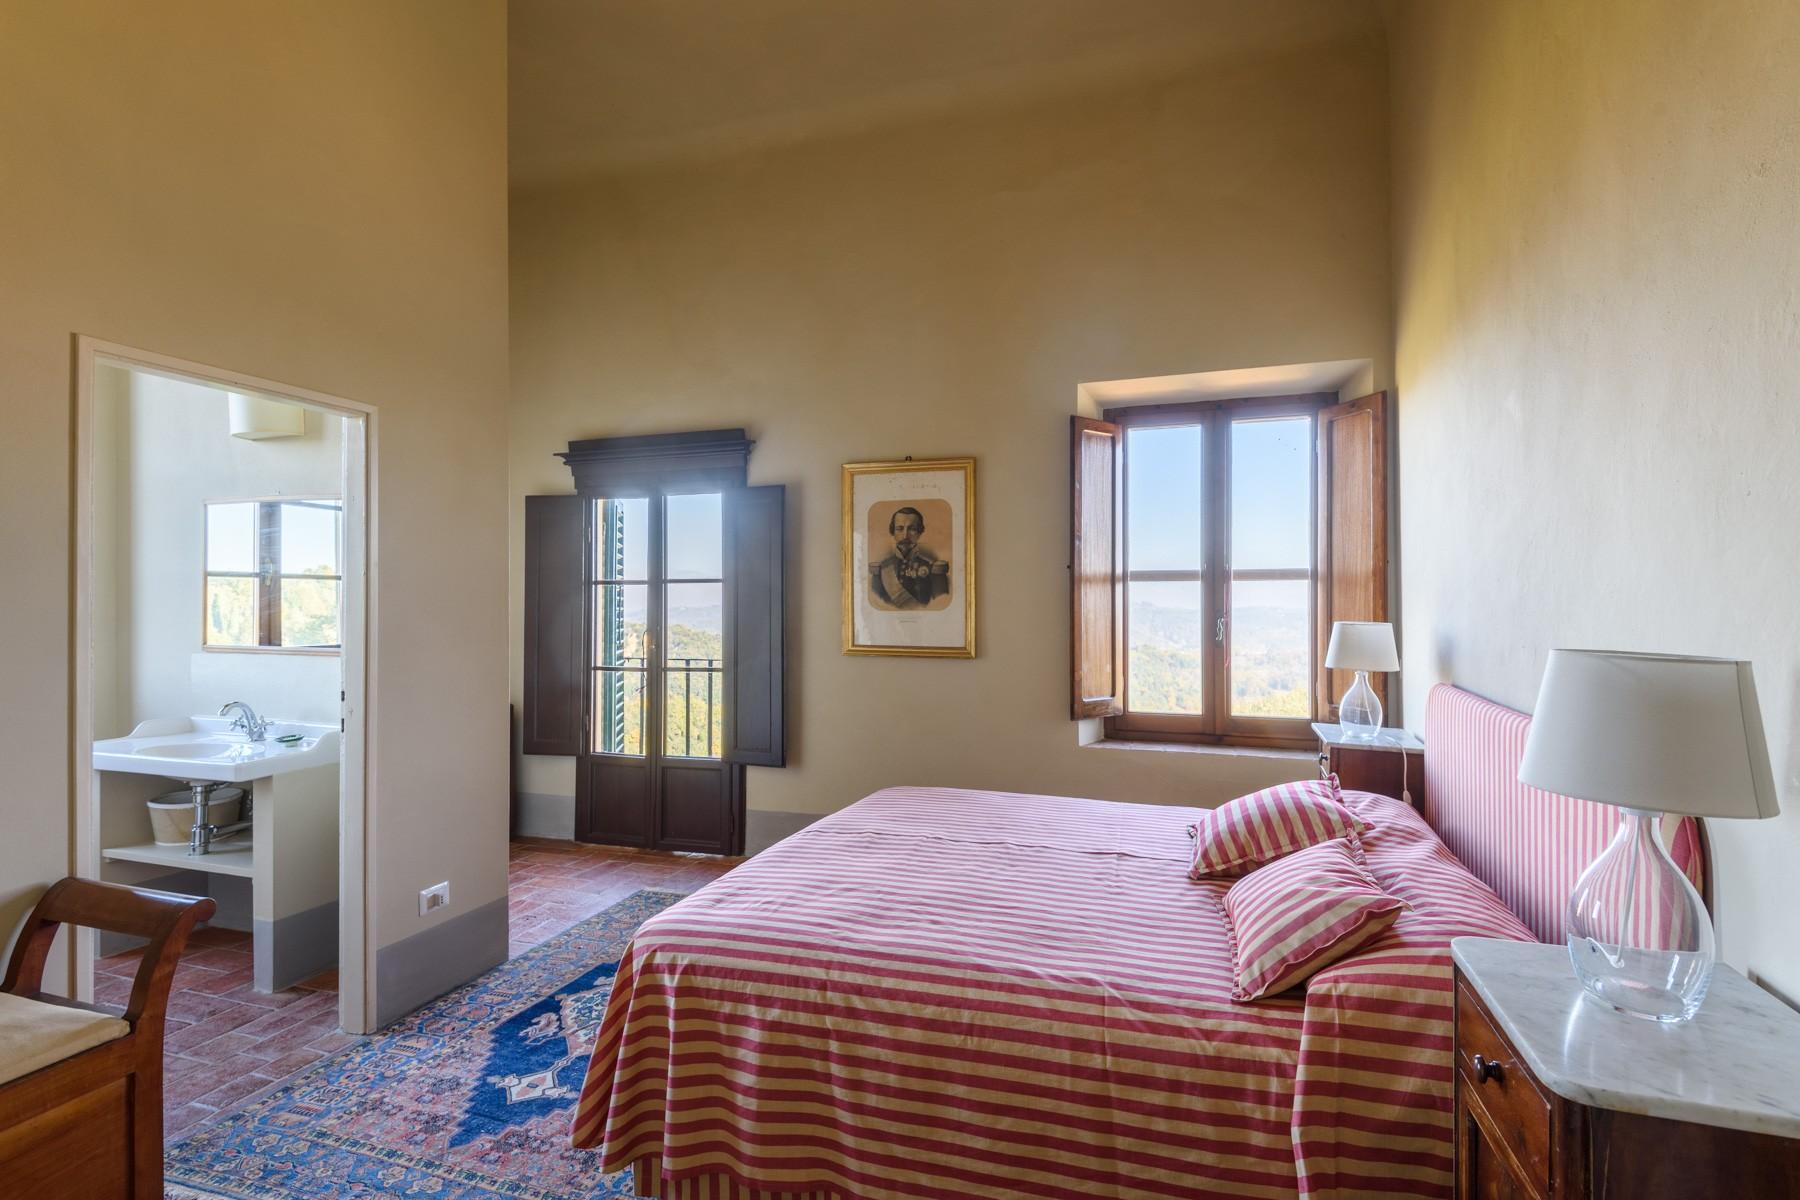 Villa in Vendita a Montaione: 5 locali, 15655 mq - Foto 13